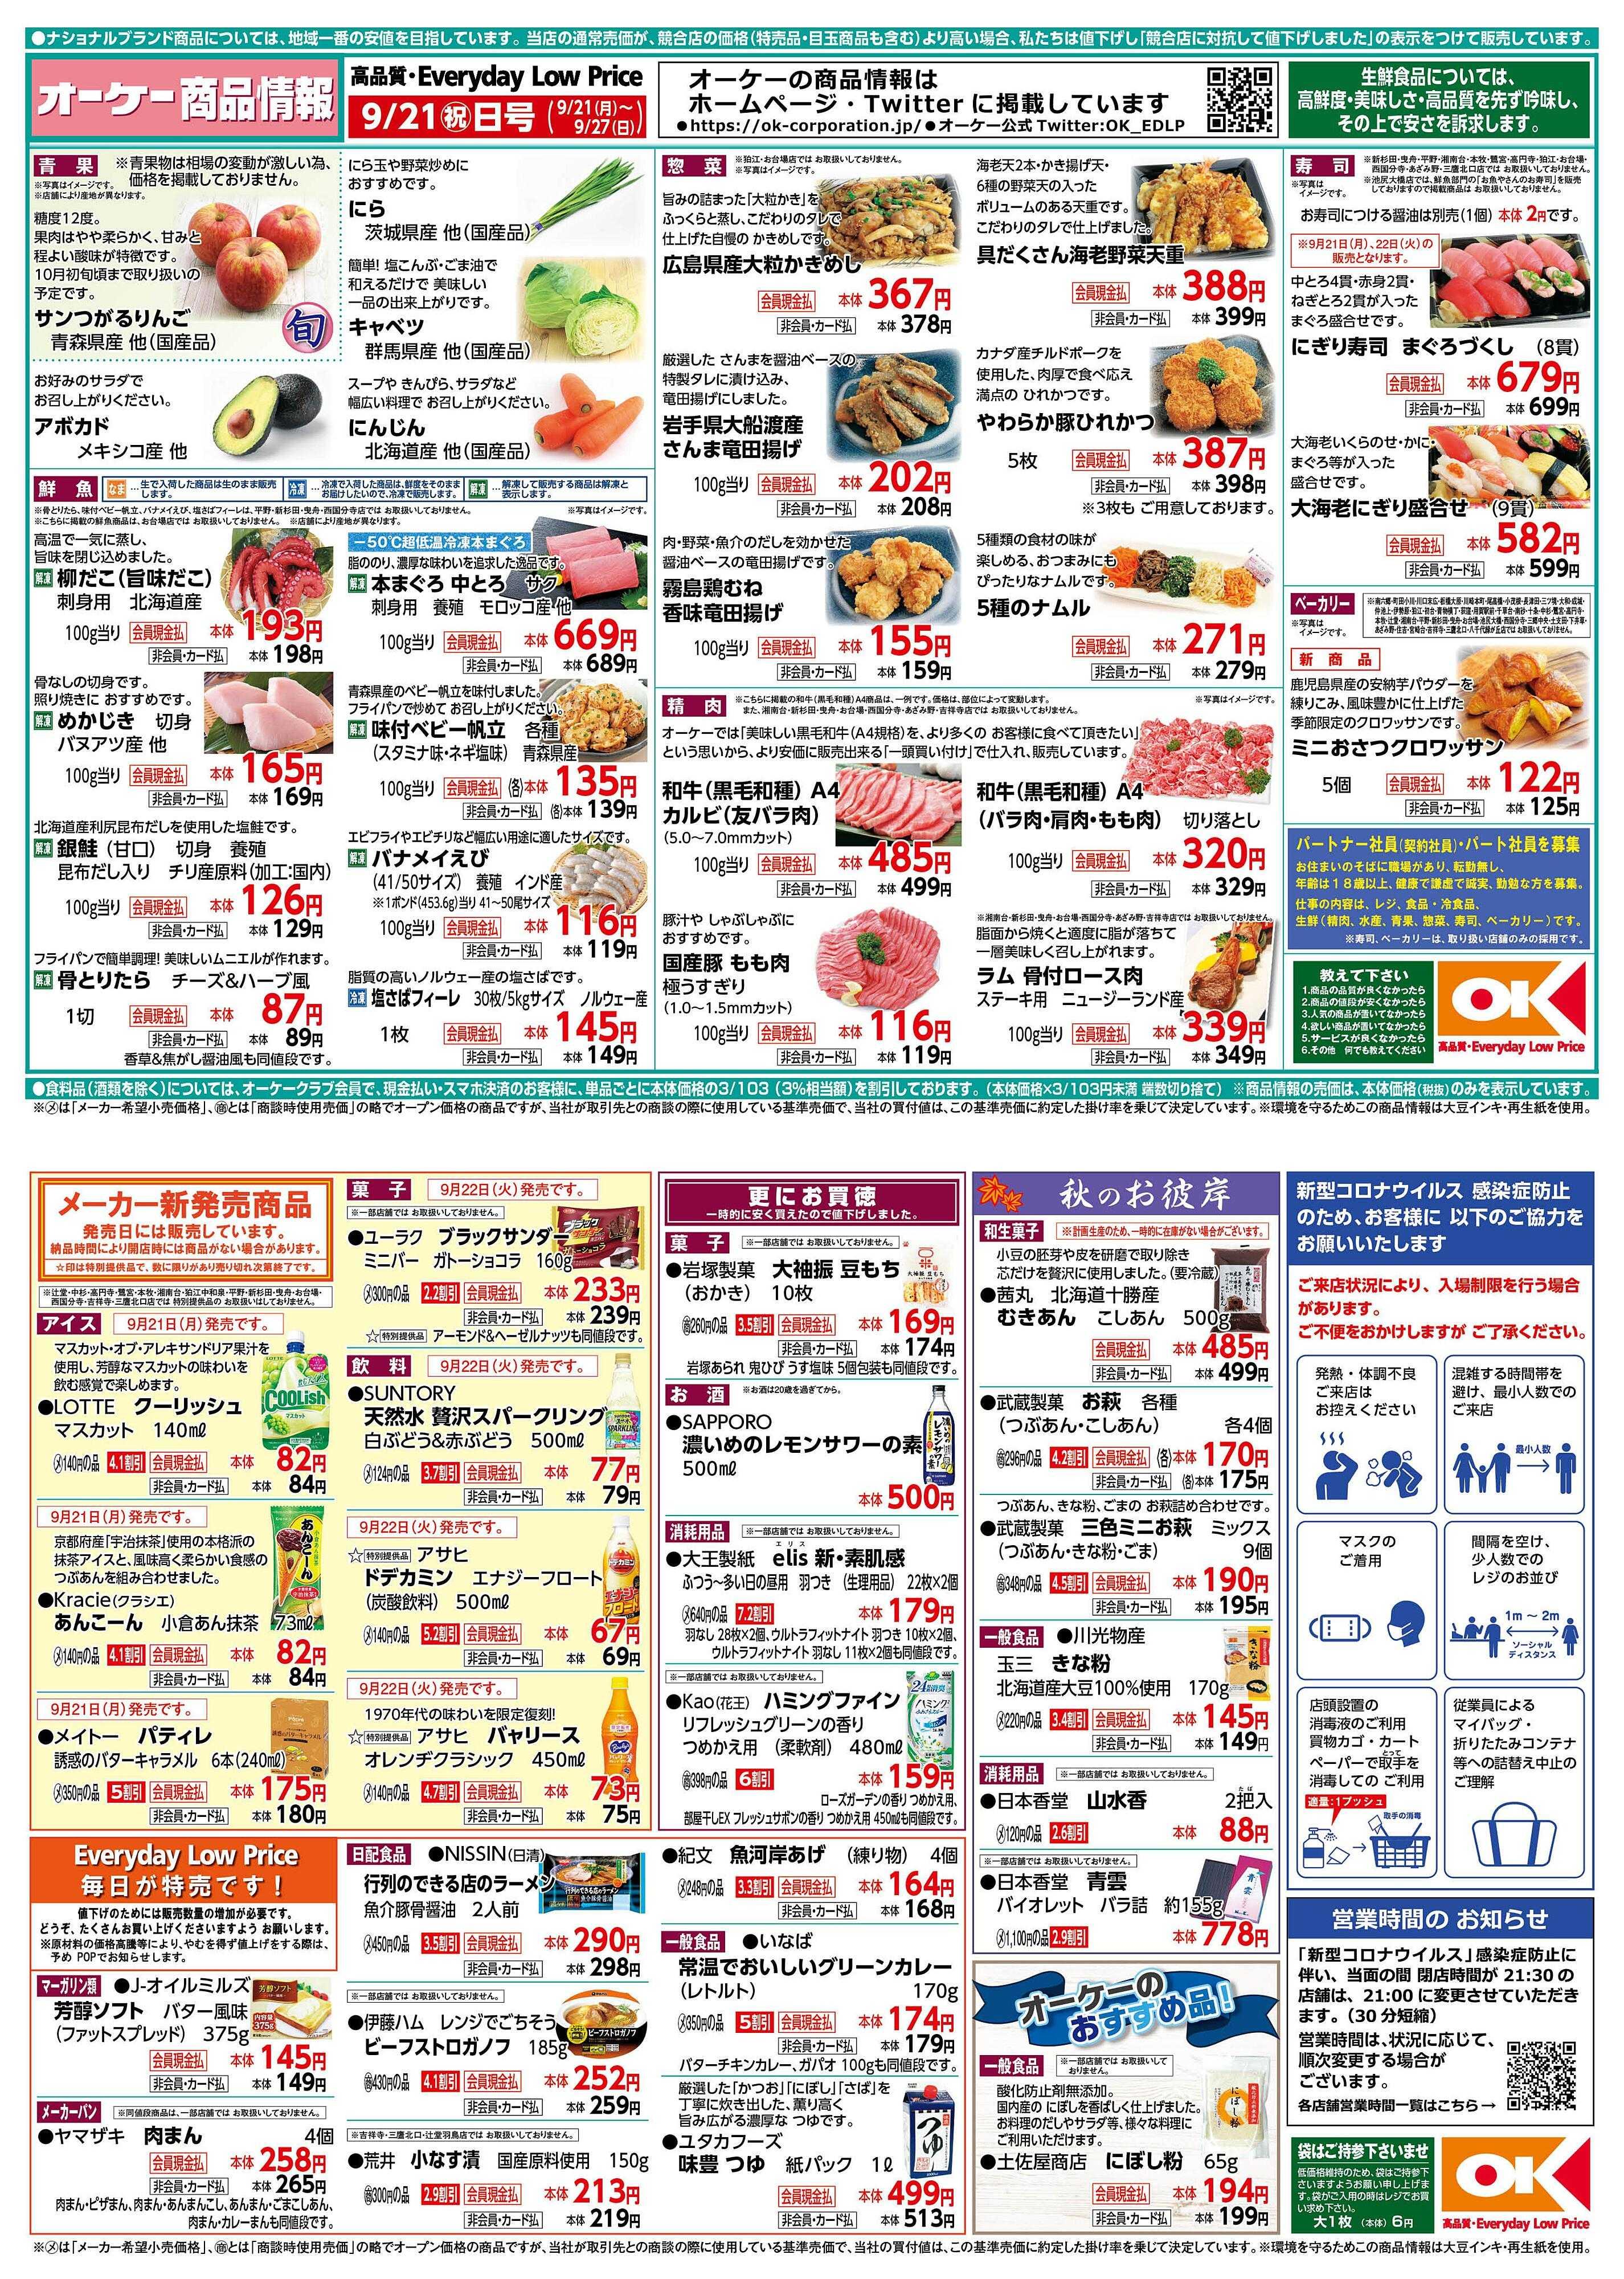 オーケー 商品情報紙9月21日号